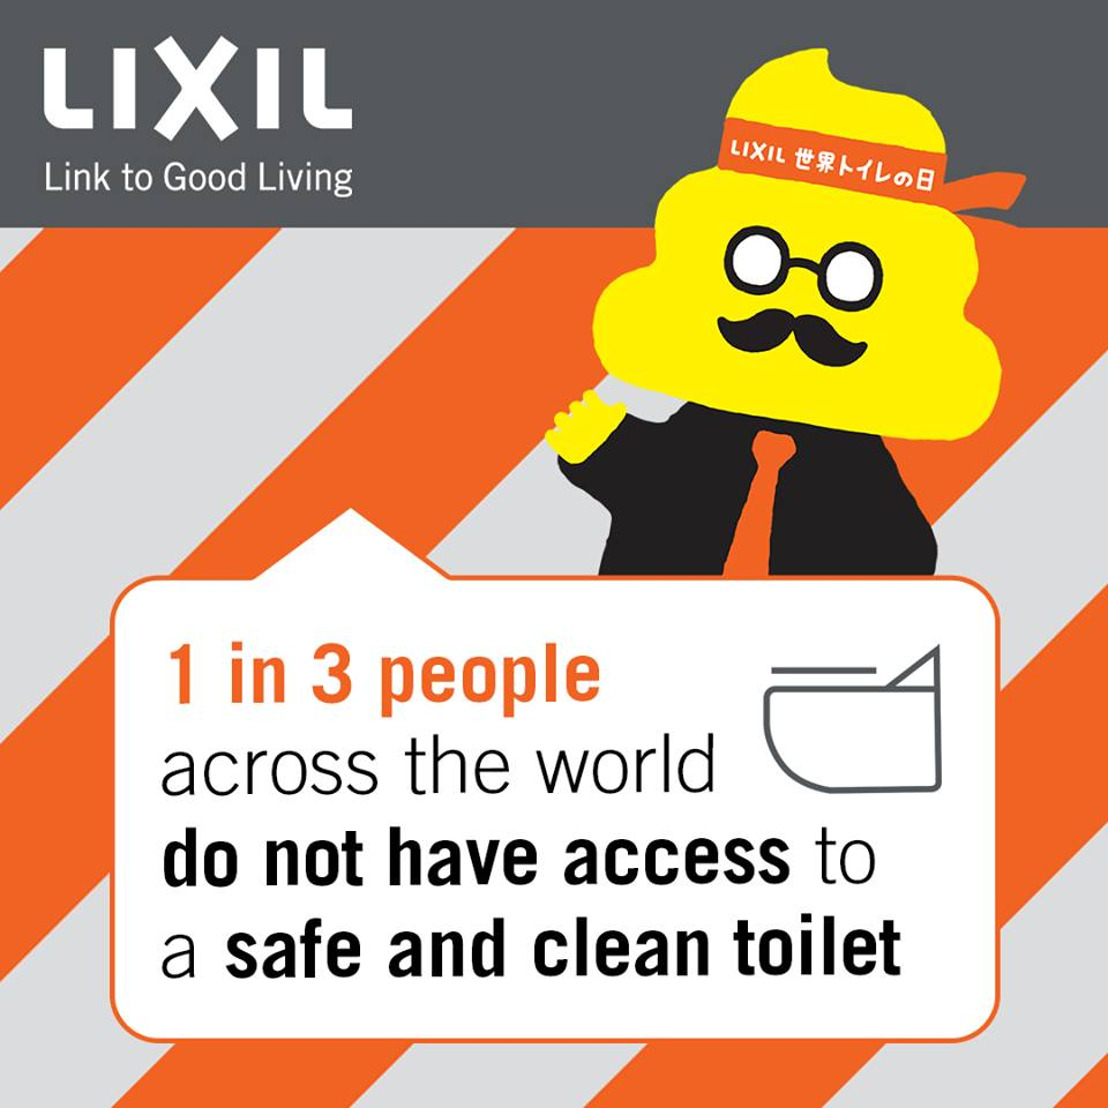 LIXIL fête la Journée mondiale des toilettes 2018